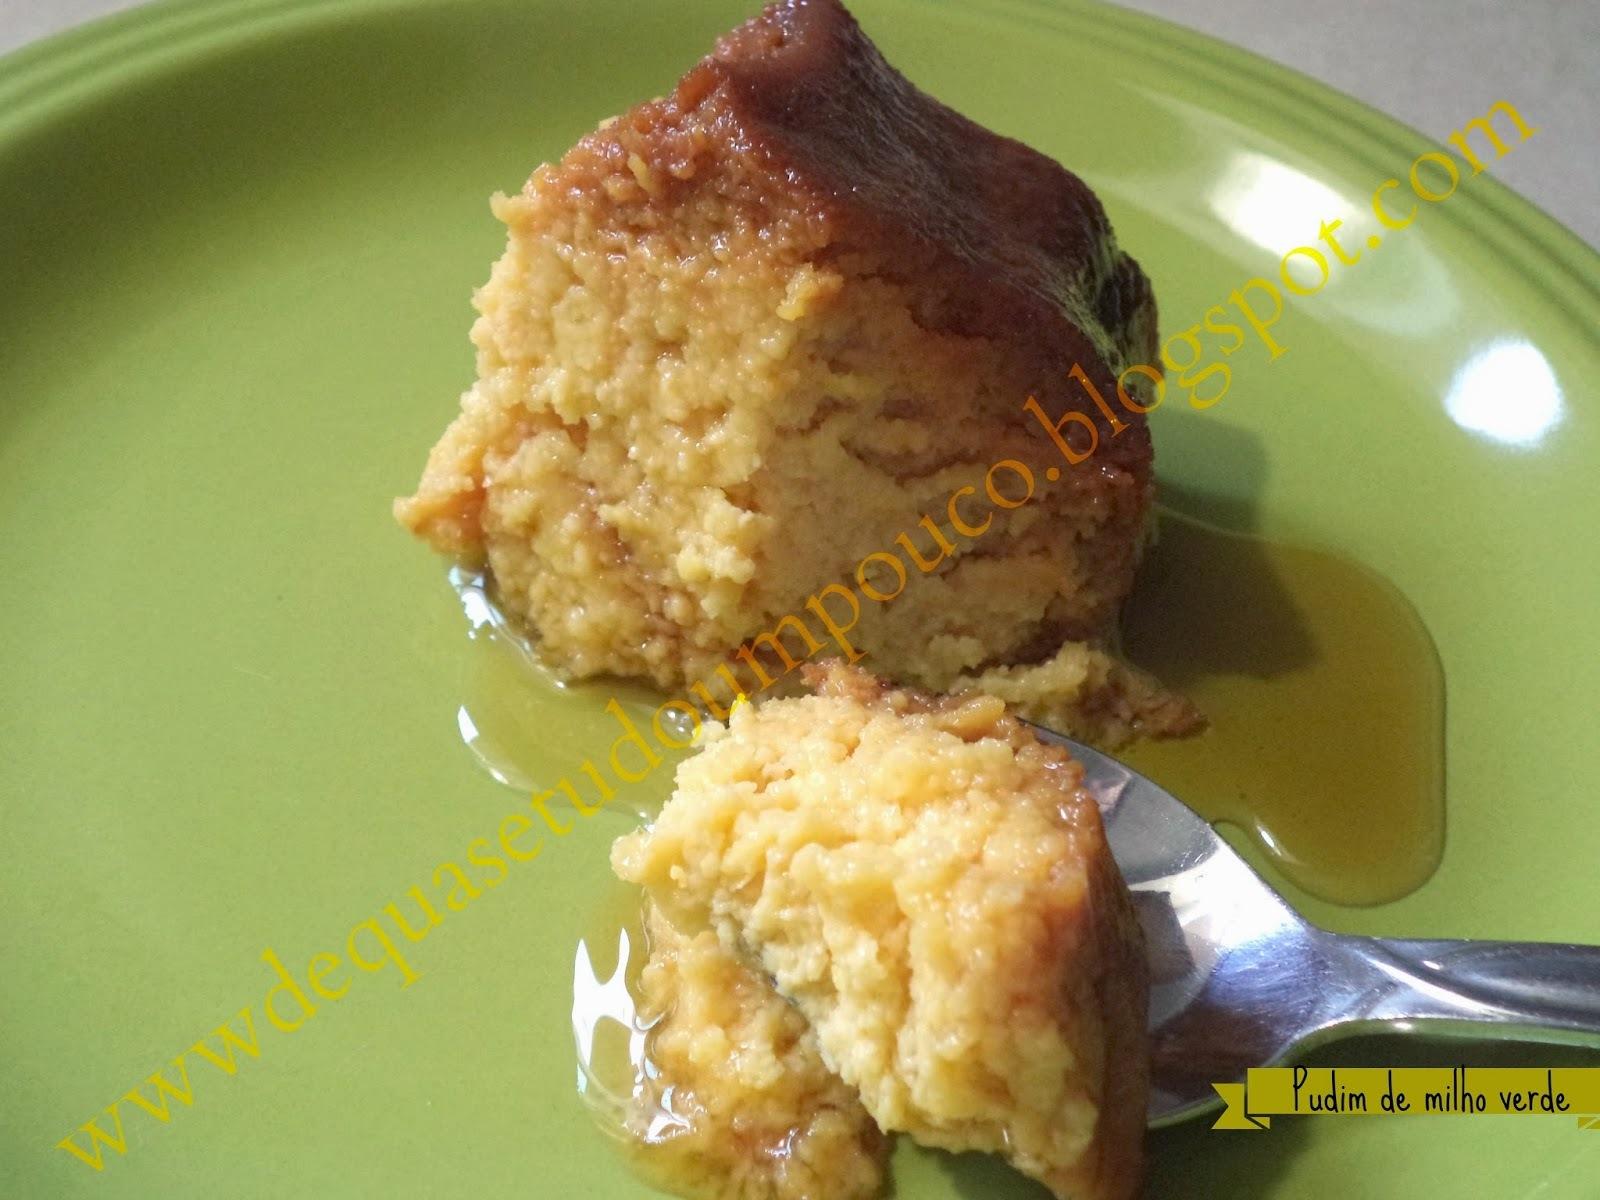 bolo de milho verde parecido com pamonha com lata de milho